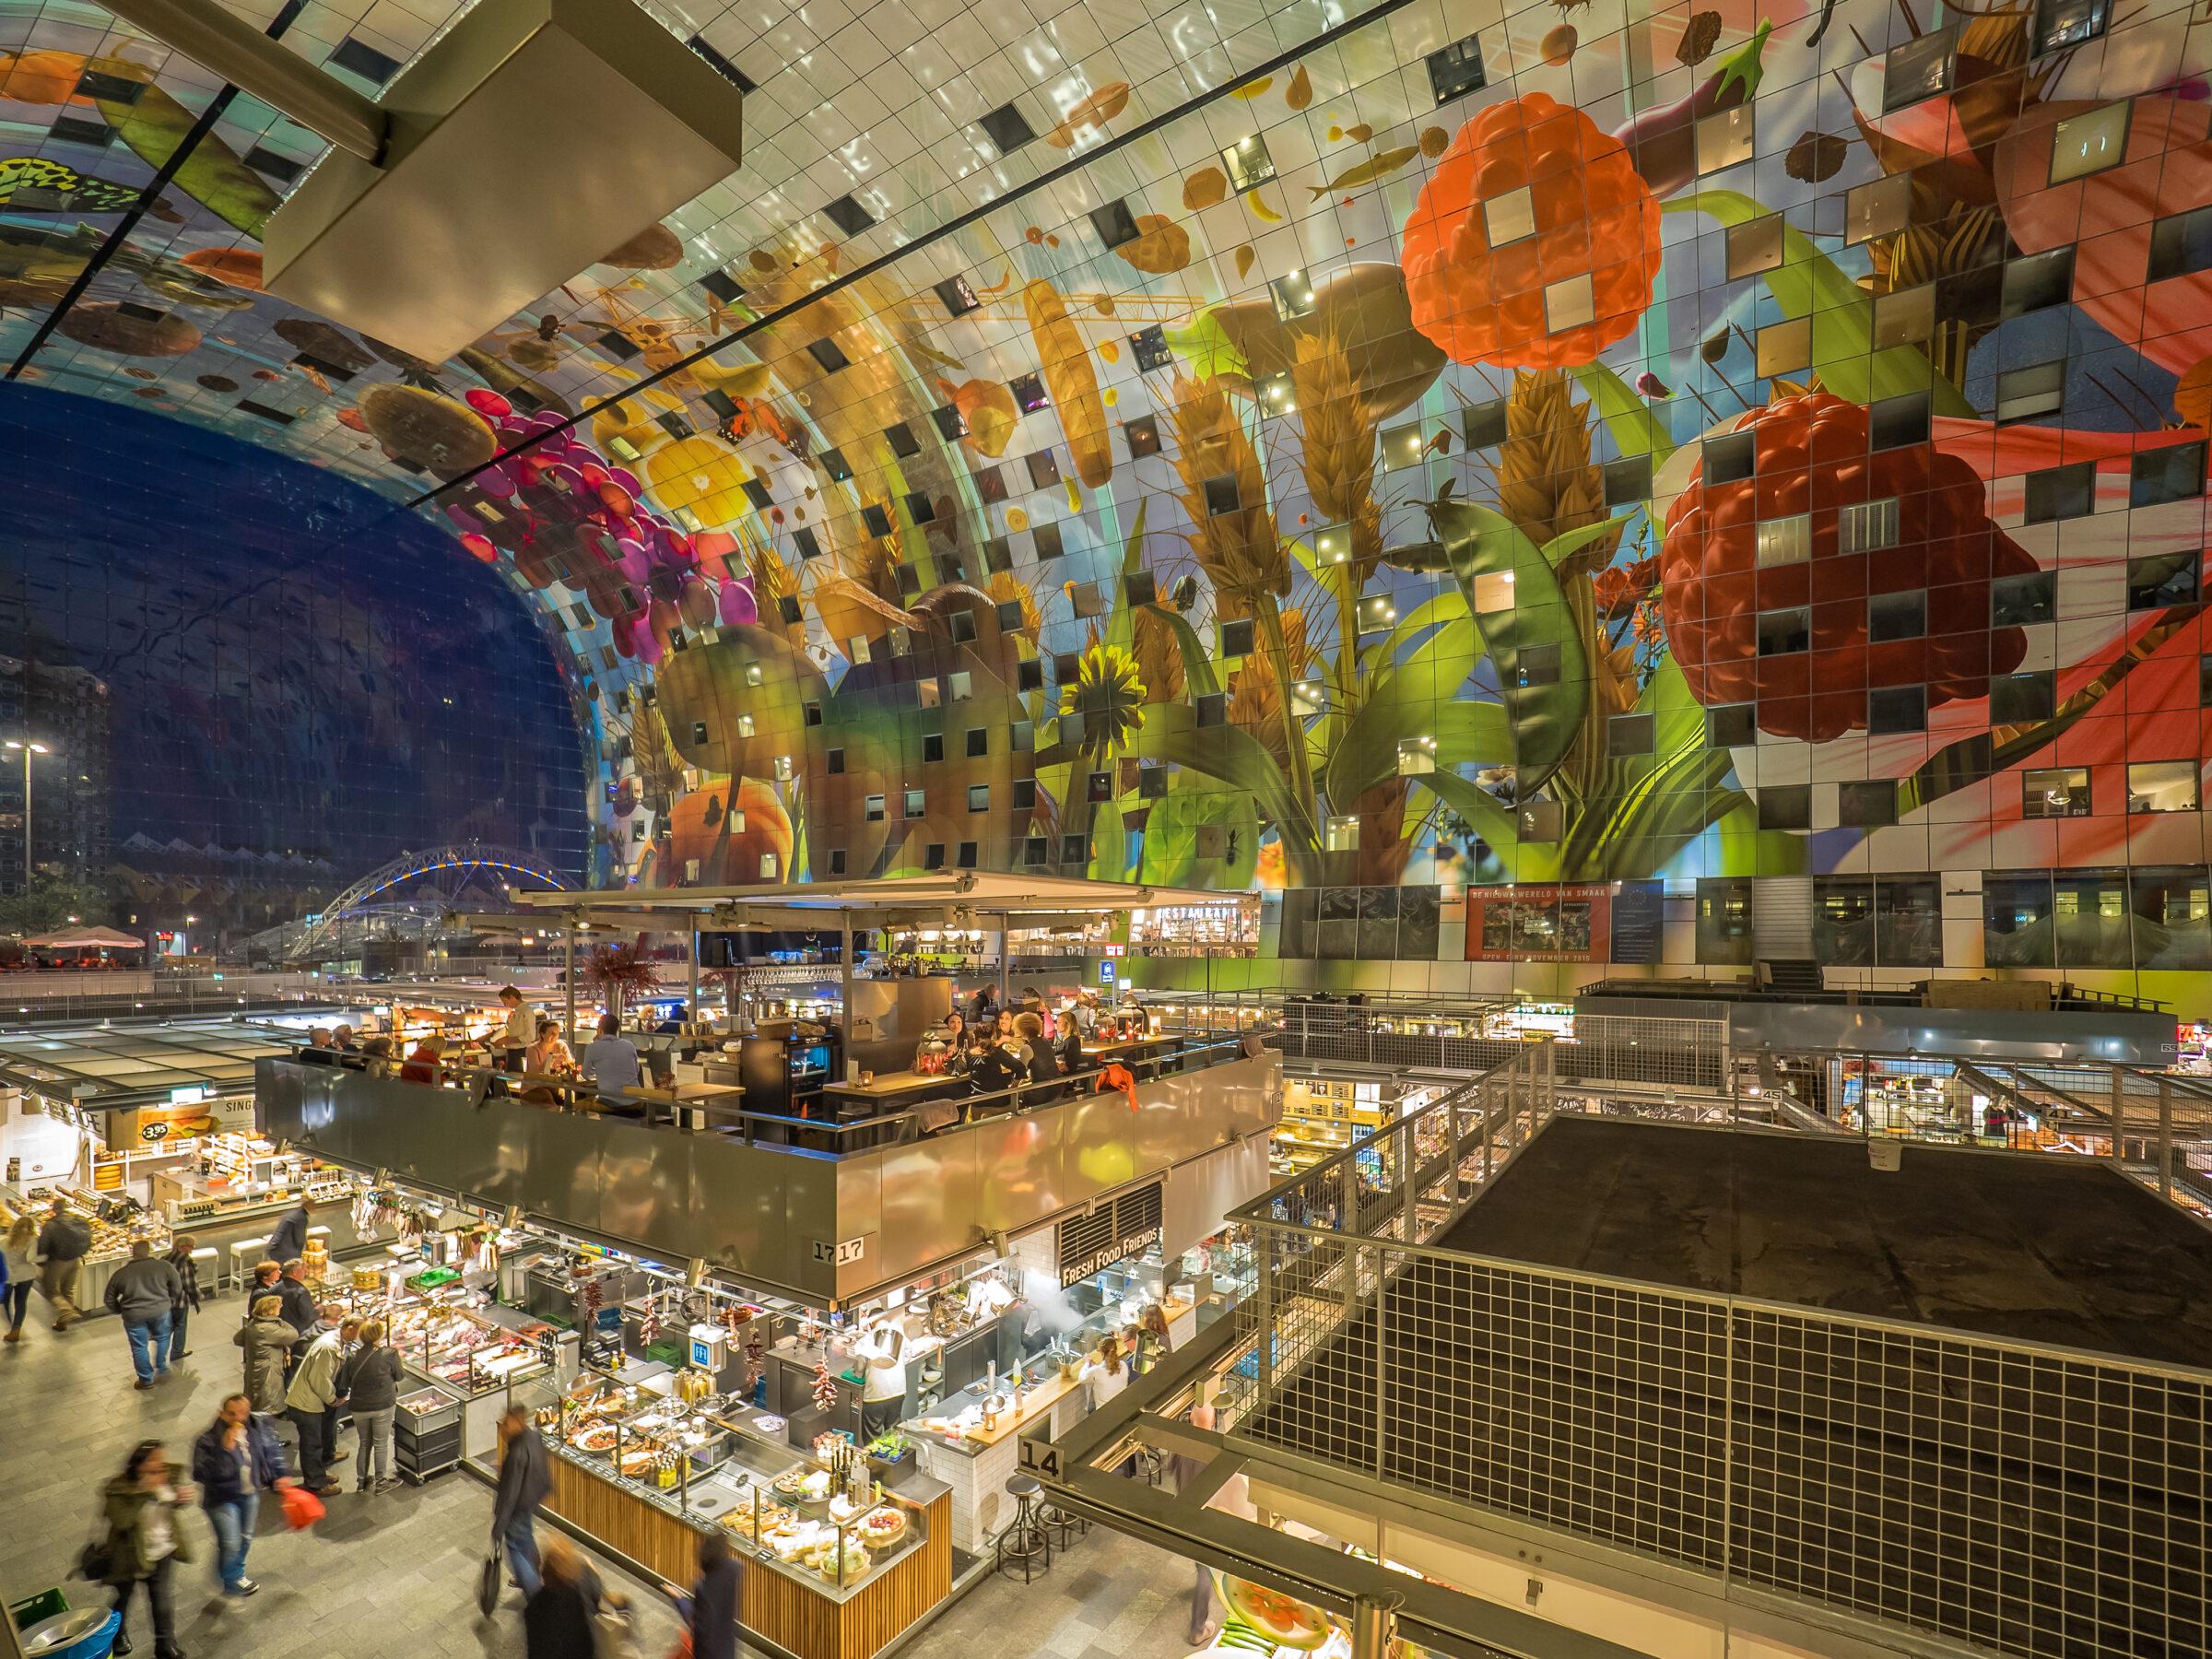 Martkhal Rotterdam y la cornucopia mural interior